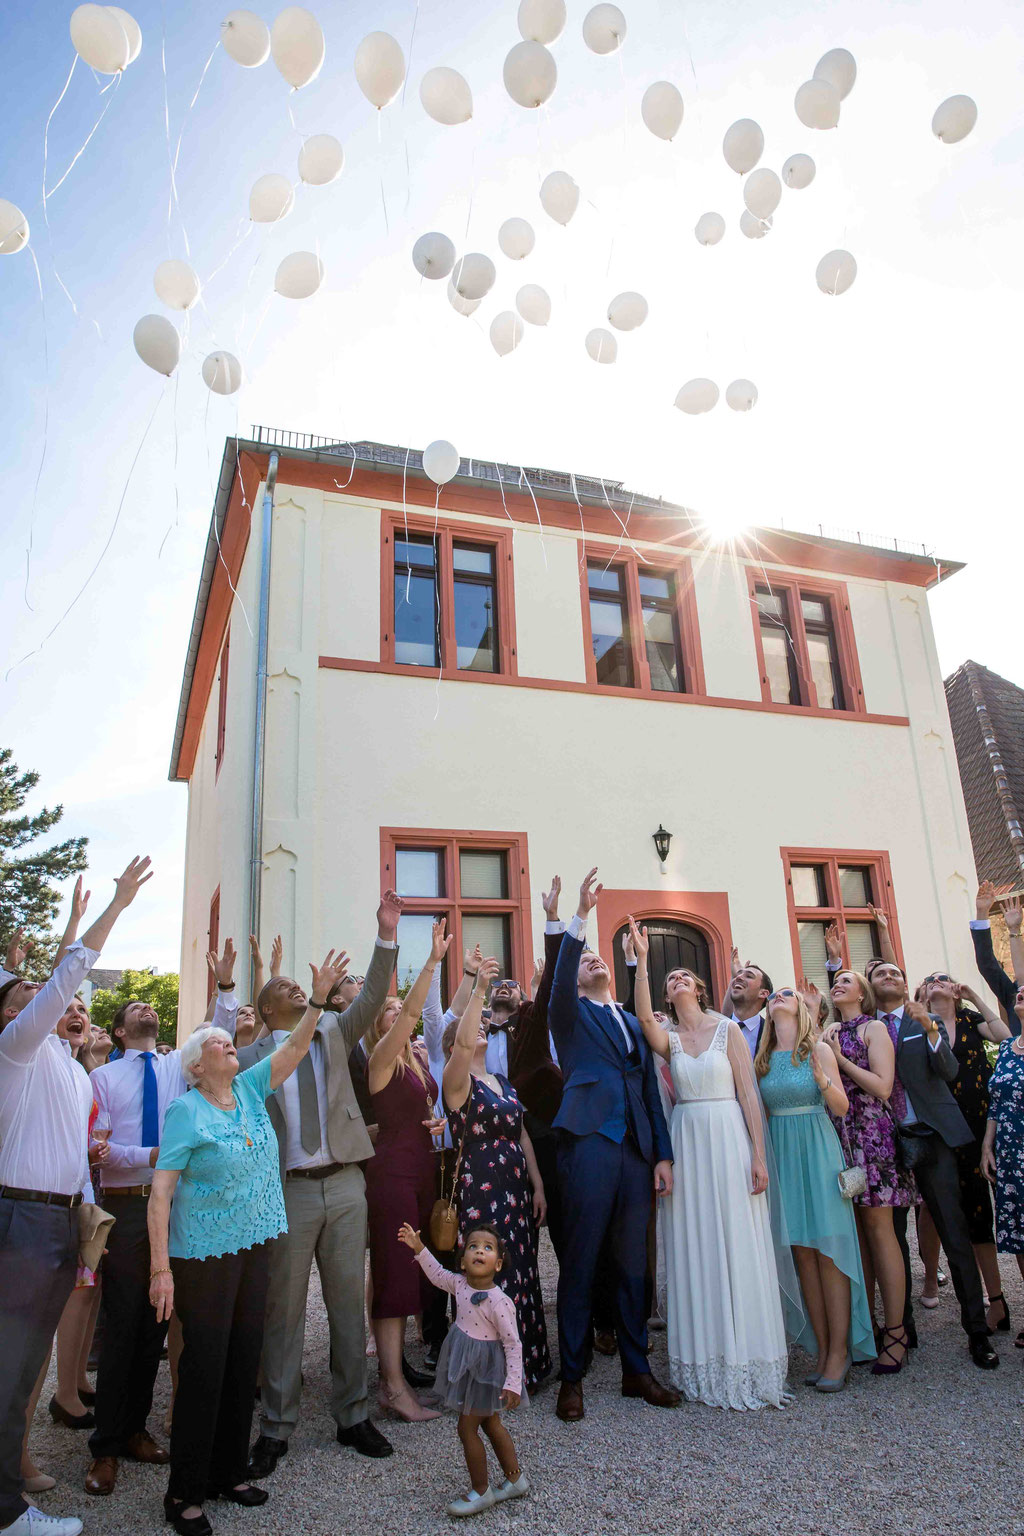 Schloss Schönborn Rheingau, Winkeler Str. 64, 65366 Geisenheim, Hochzeitsfoto, Hochzeitsfotograf, Gruppenbild Hochzeit Hochzeitsfotograf, Gruppenfoto an der Hochzeit